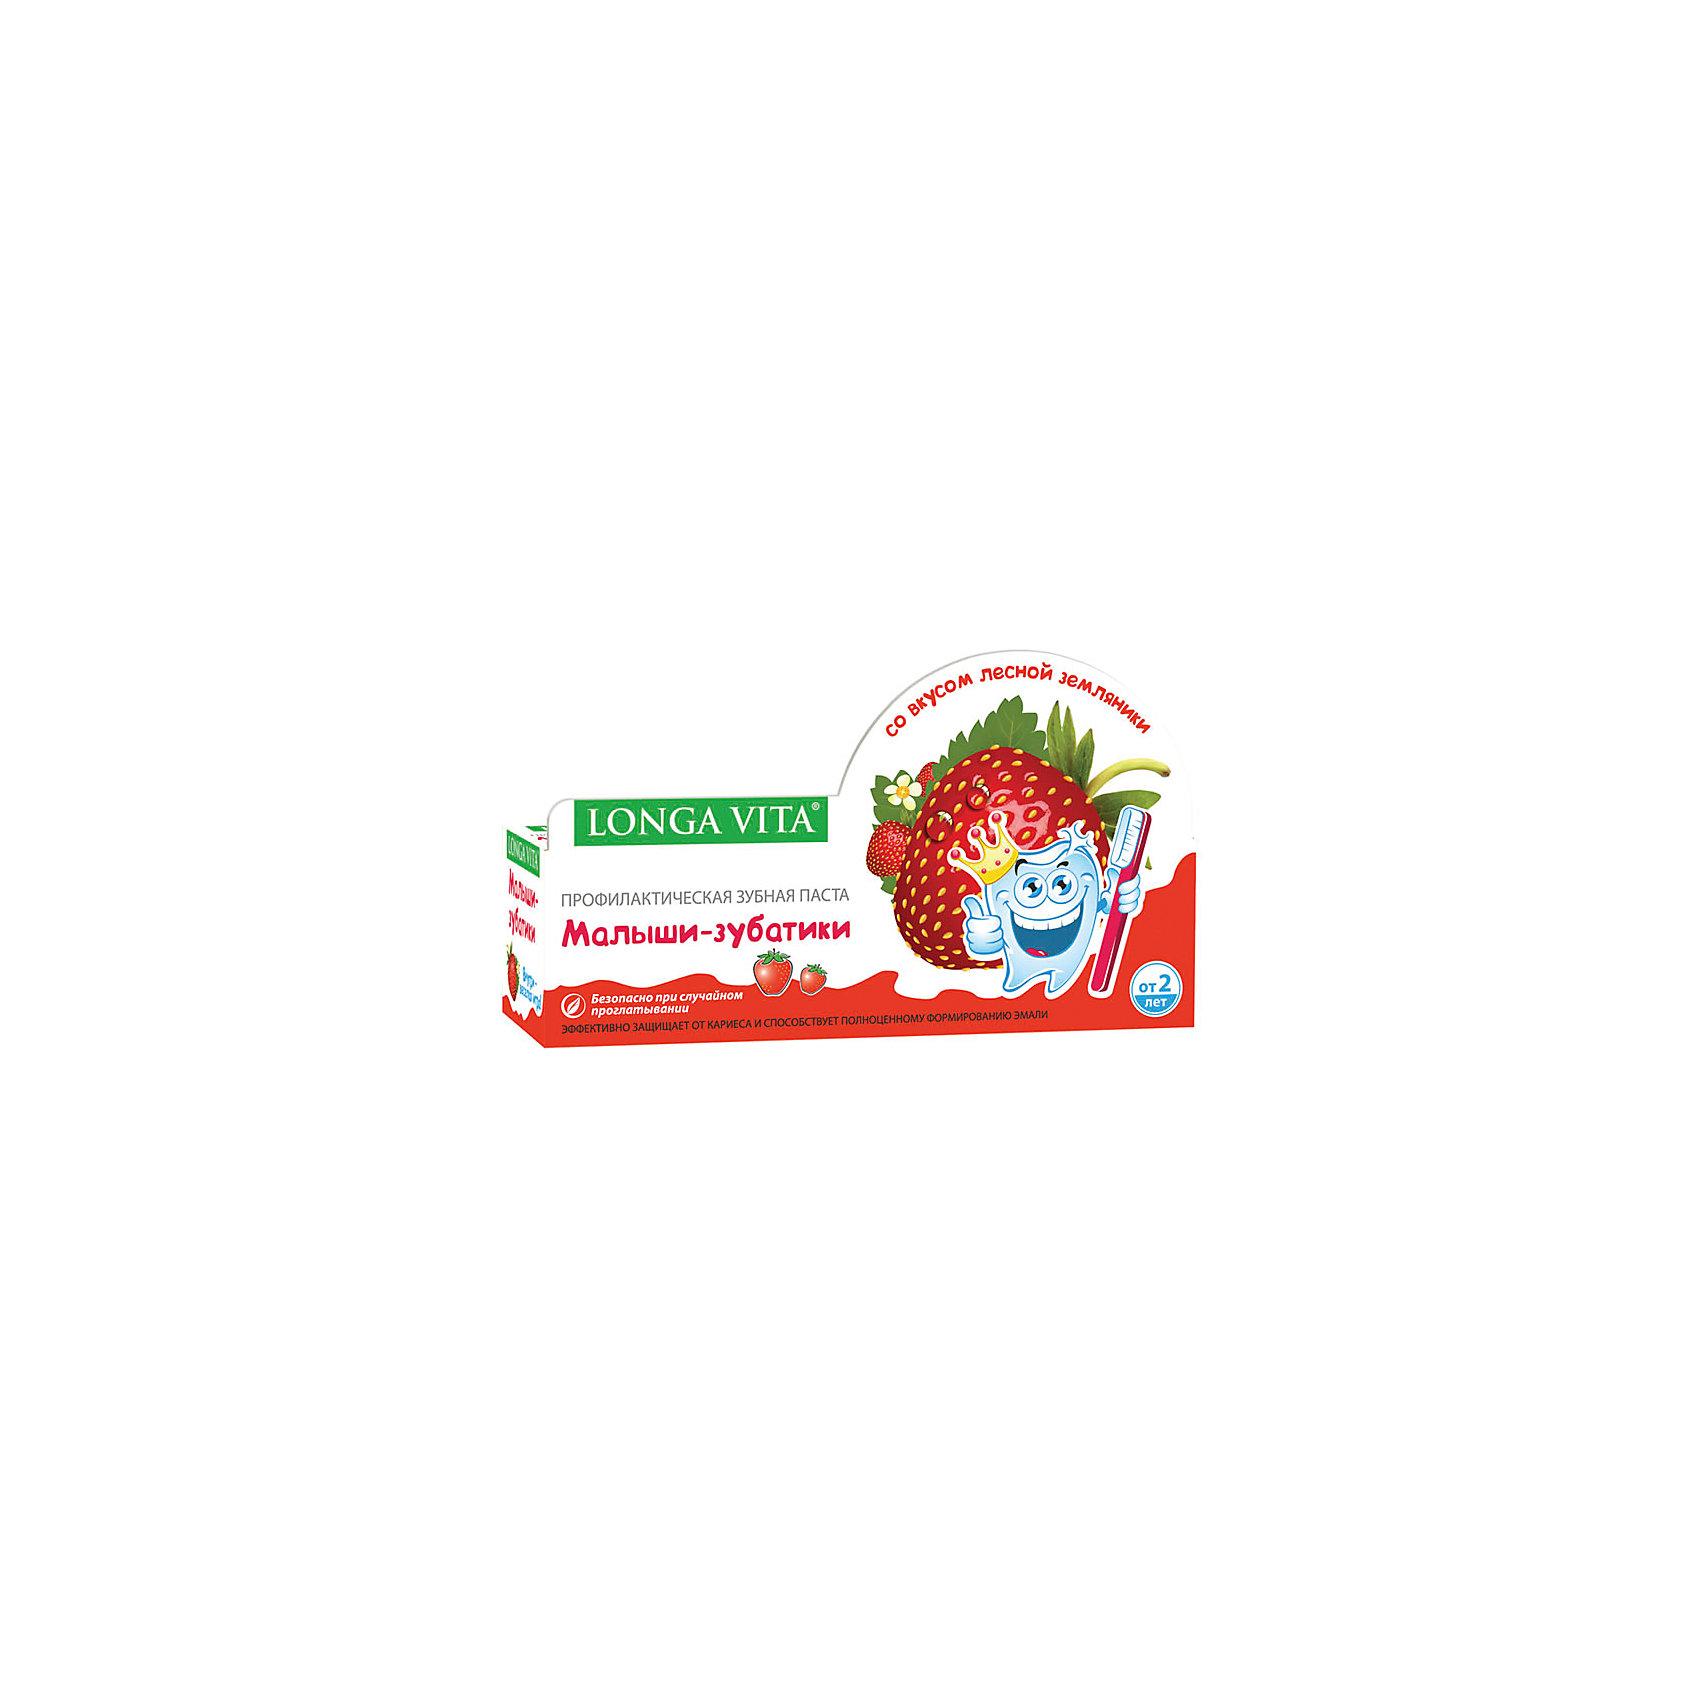 LONGA VITA Детская зубная паста Малыши-зубатики (лесная земляника), от 2-х лет, LONGA VITA паста флитз купить в балашихе